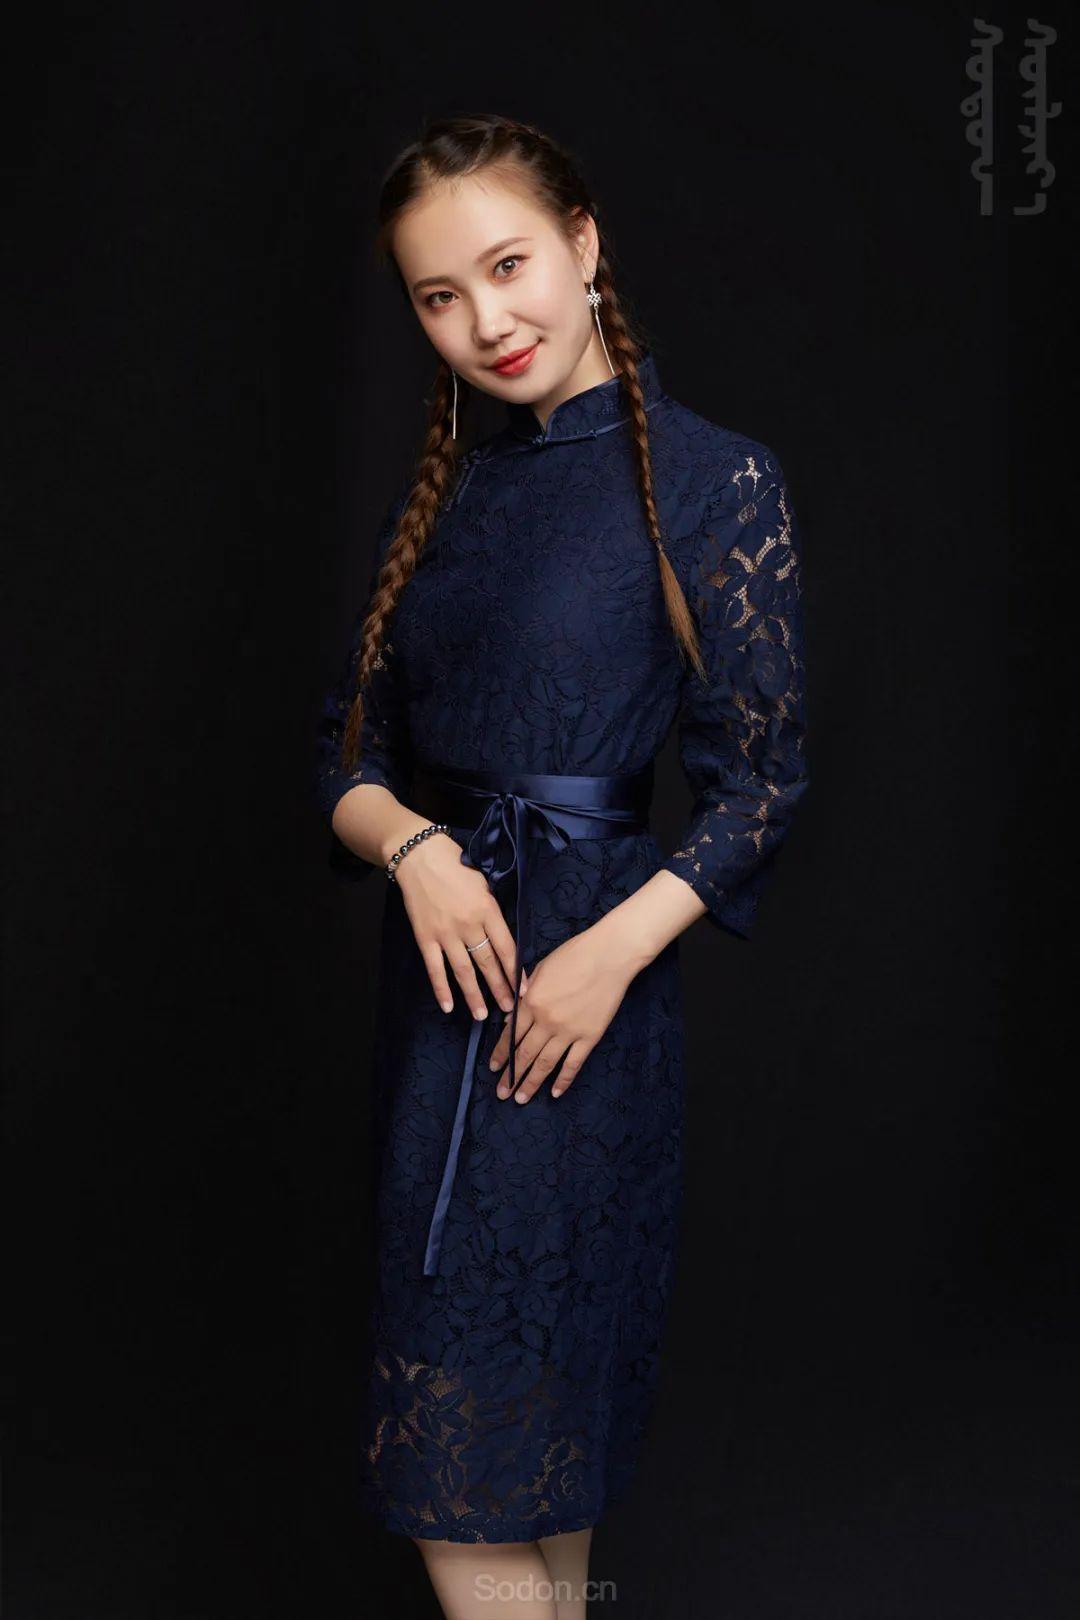 DOMOG蒙古时装2020新款夏季连衣裙首发,618钜惠七折! 第20张